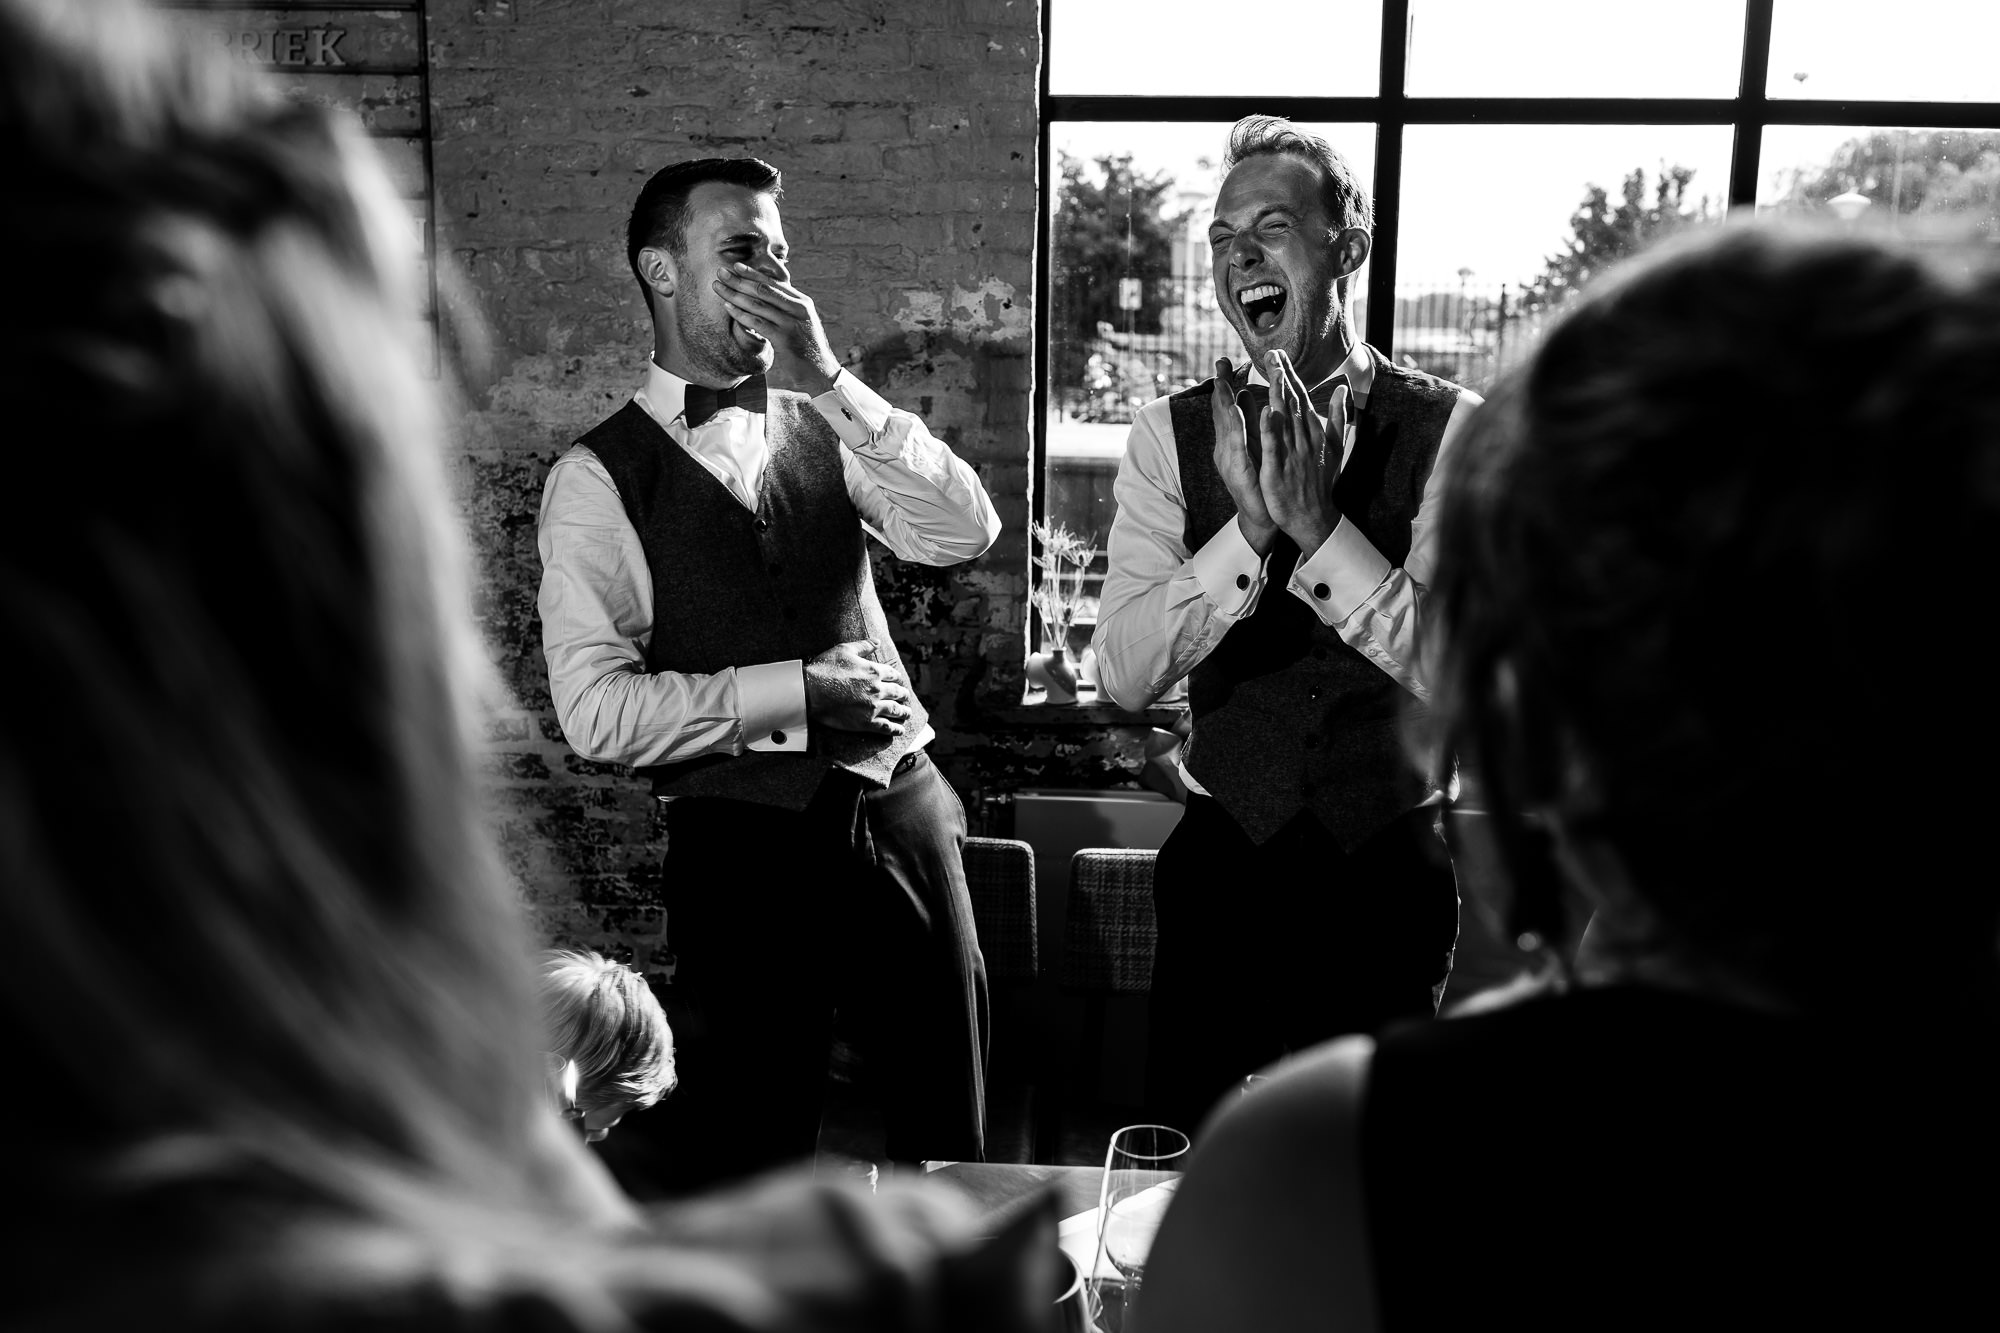 Zwart wit foto van bruidegoms liggen beiden helemaal in een deuk